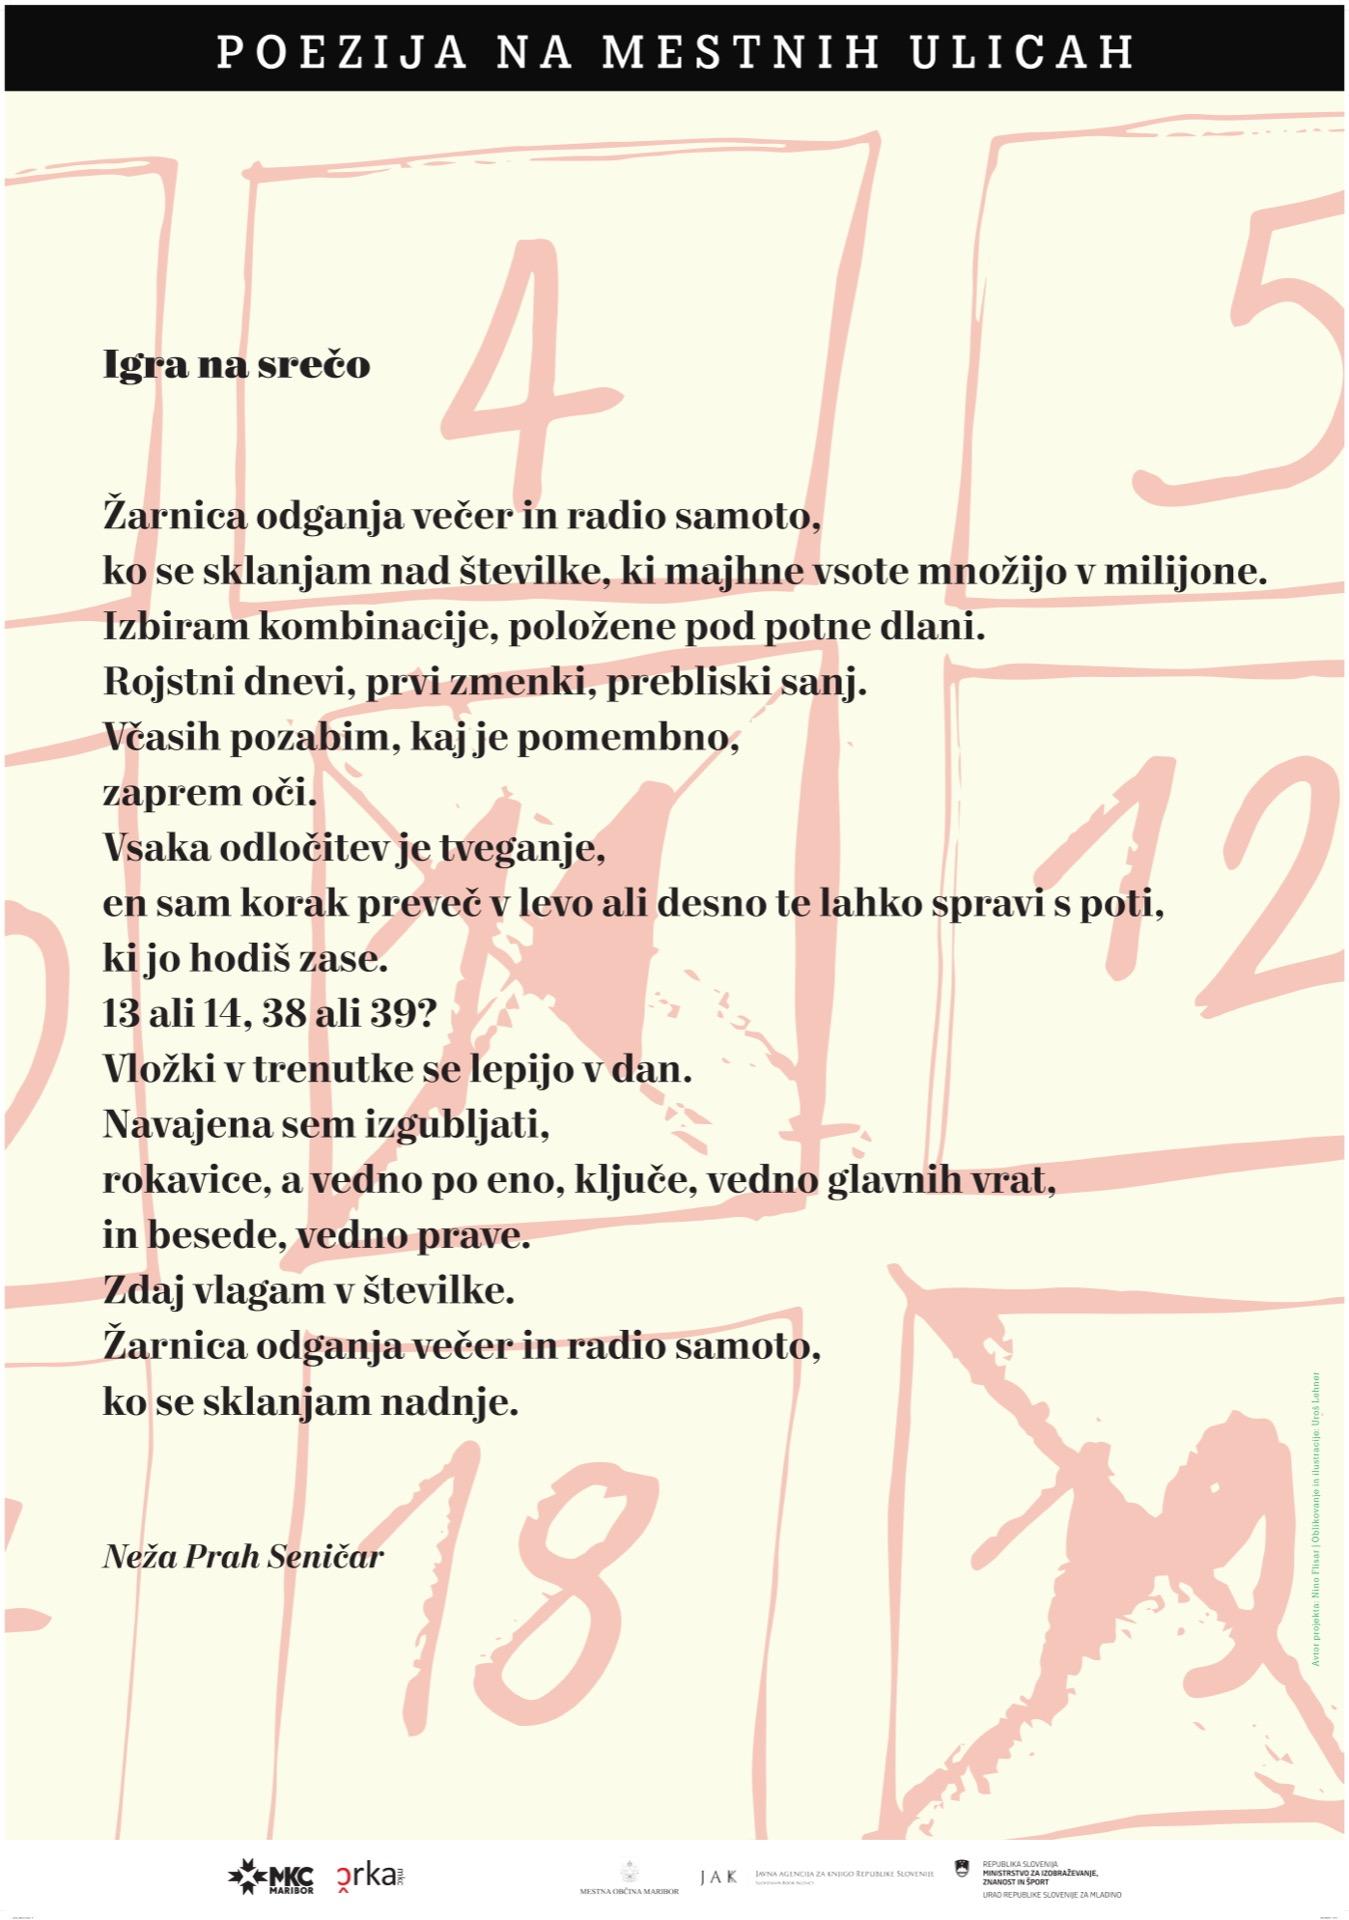 Neža Prah Seničar Igra na srečo - resized.jpg